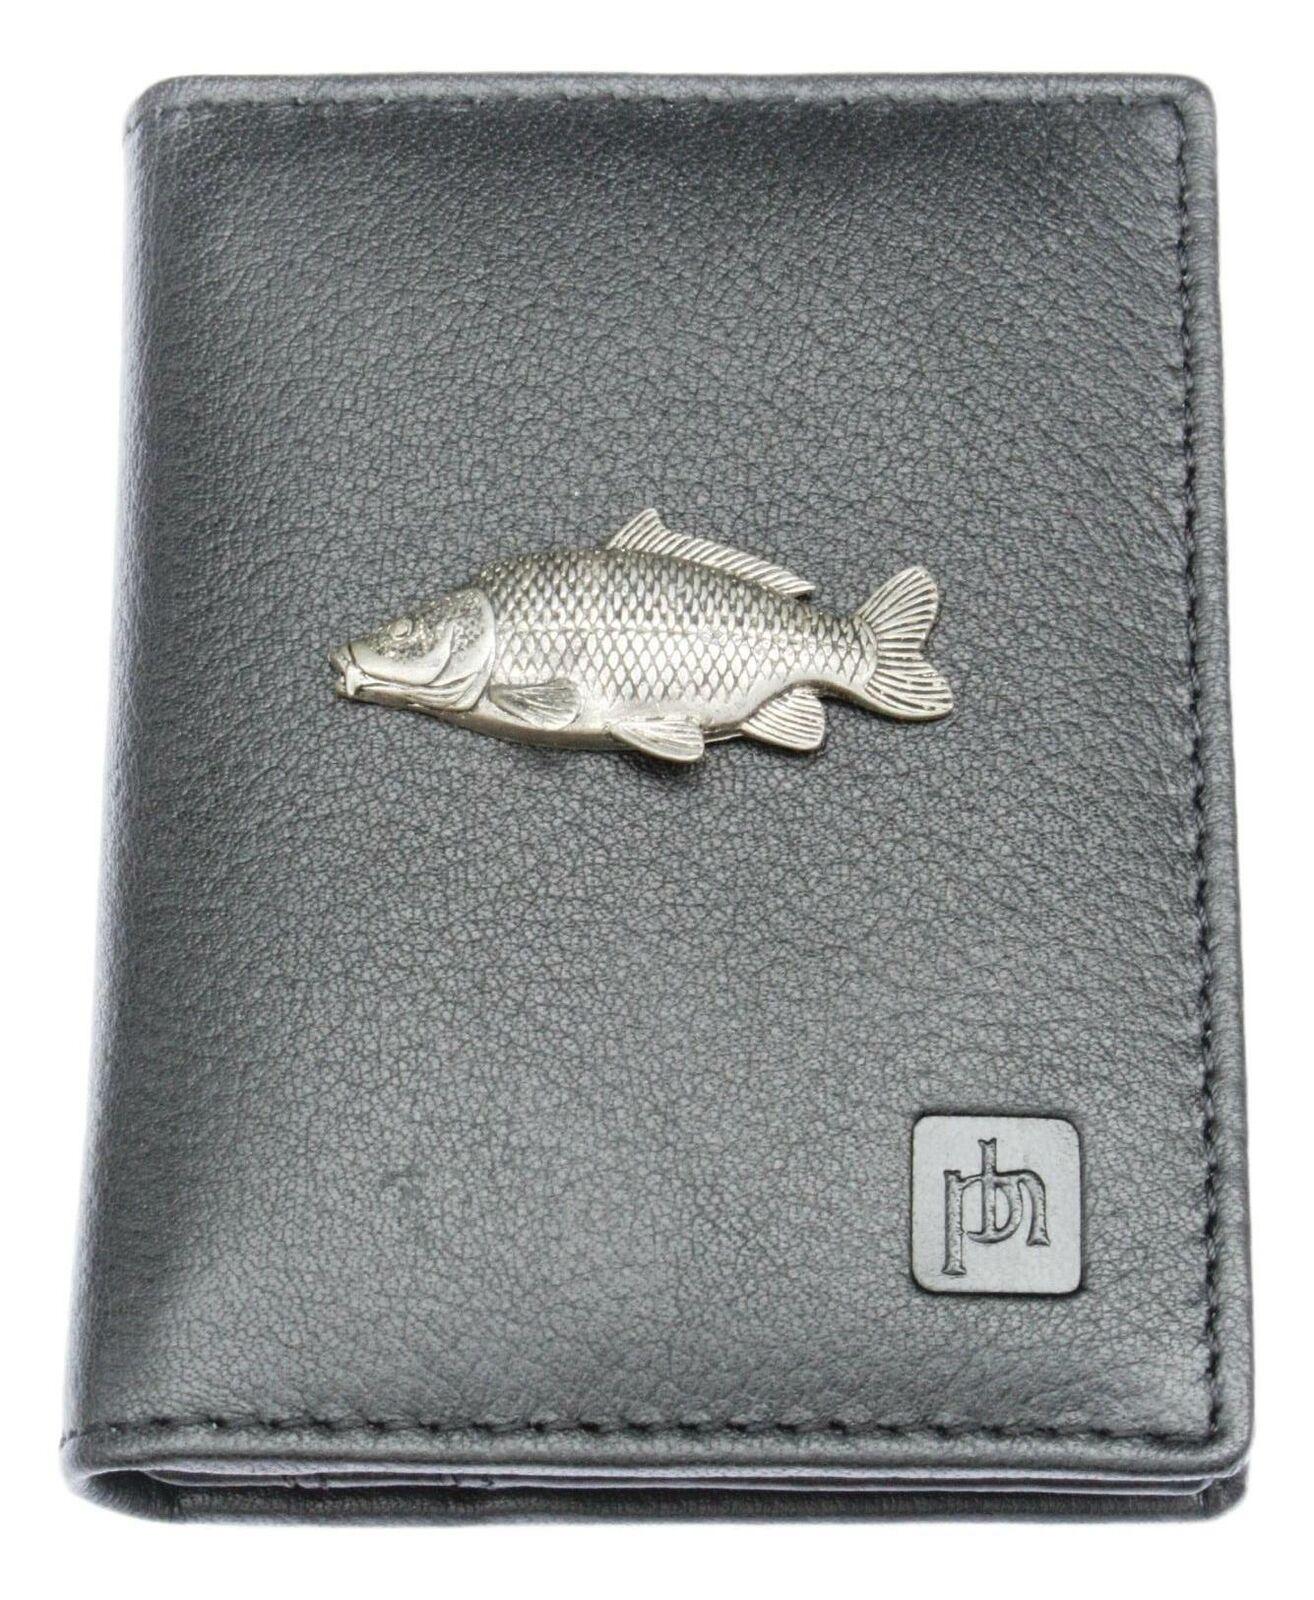 Common Carp Bifold Card Holder Leather Black Wallet RFID Safe 80